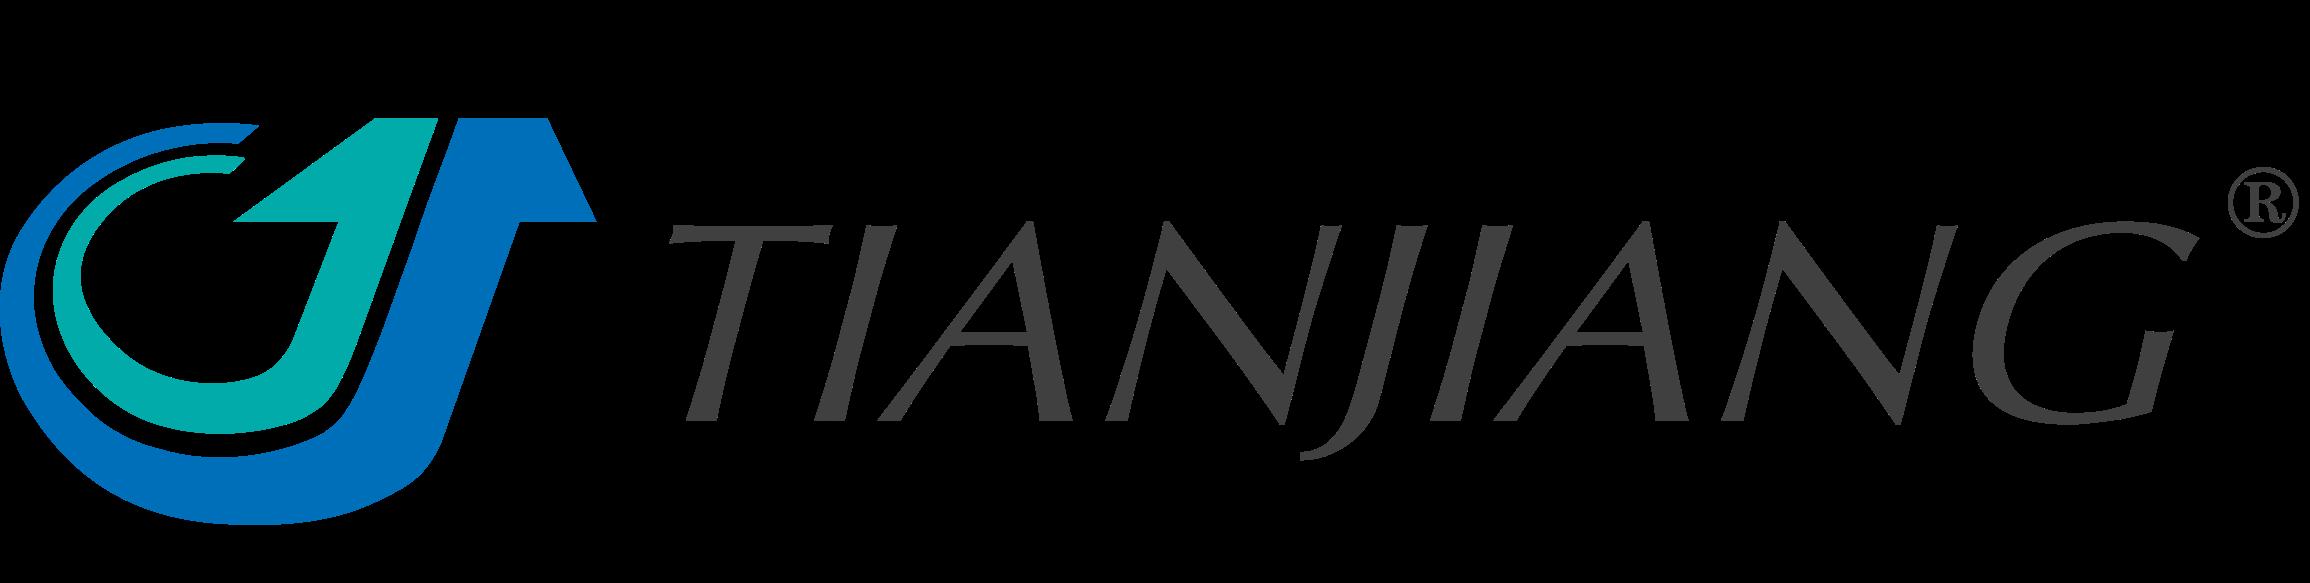 Tianjiang Pharmaceutical Co., Ltd.